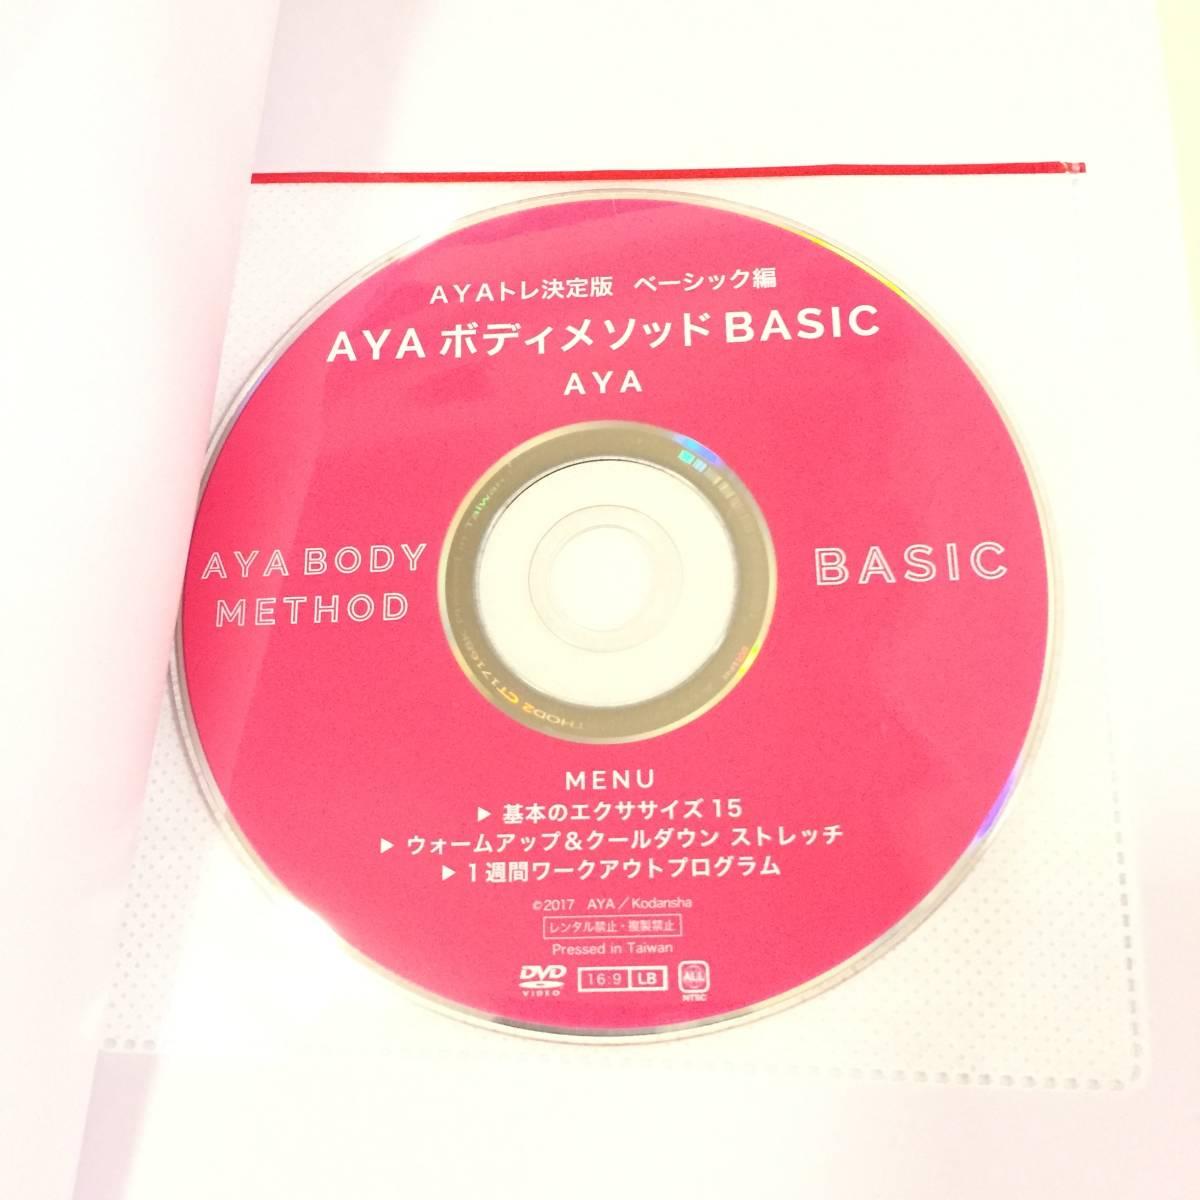 新品◆AYA ボディメソッド BASIC DVD付き AYAトレ 決定版 ベーシック編◆ クロスフィットネストレーナーAYA エクササイズ ダイエット_画像2